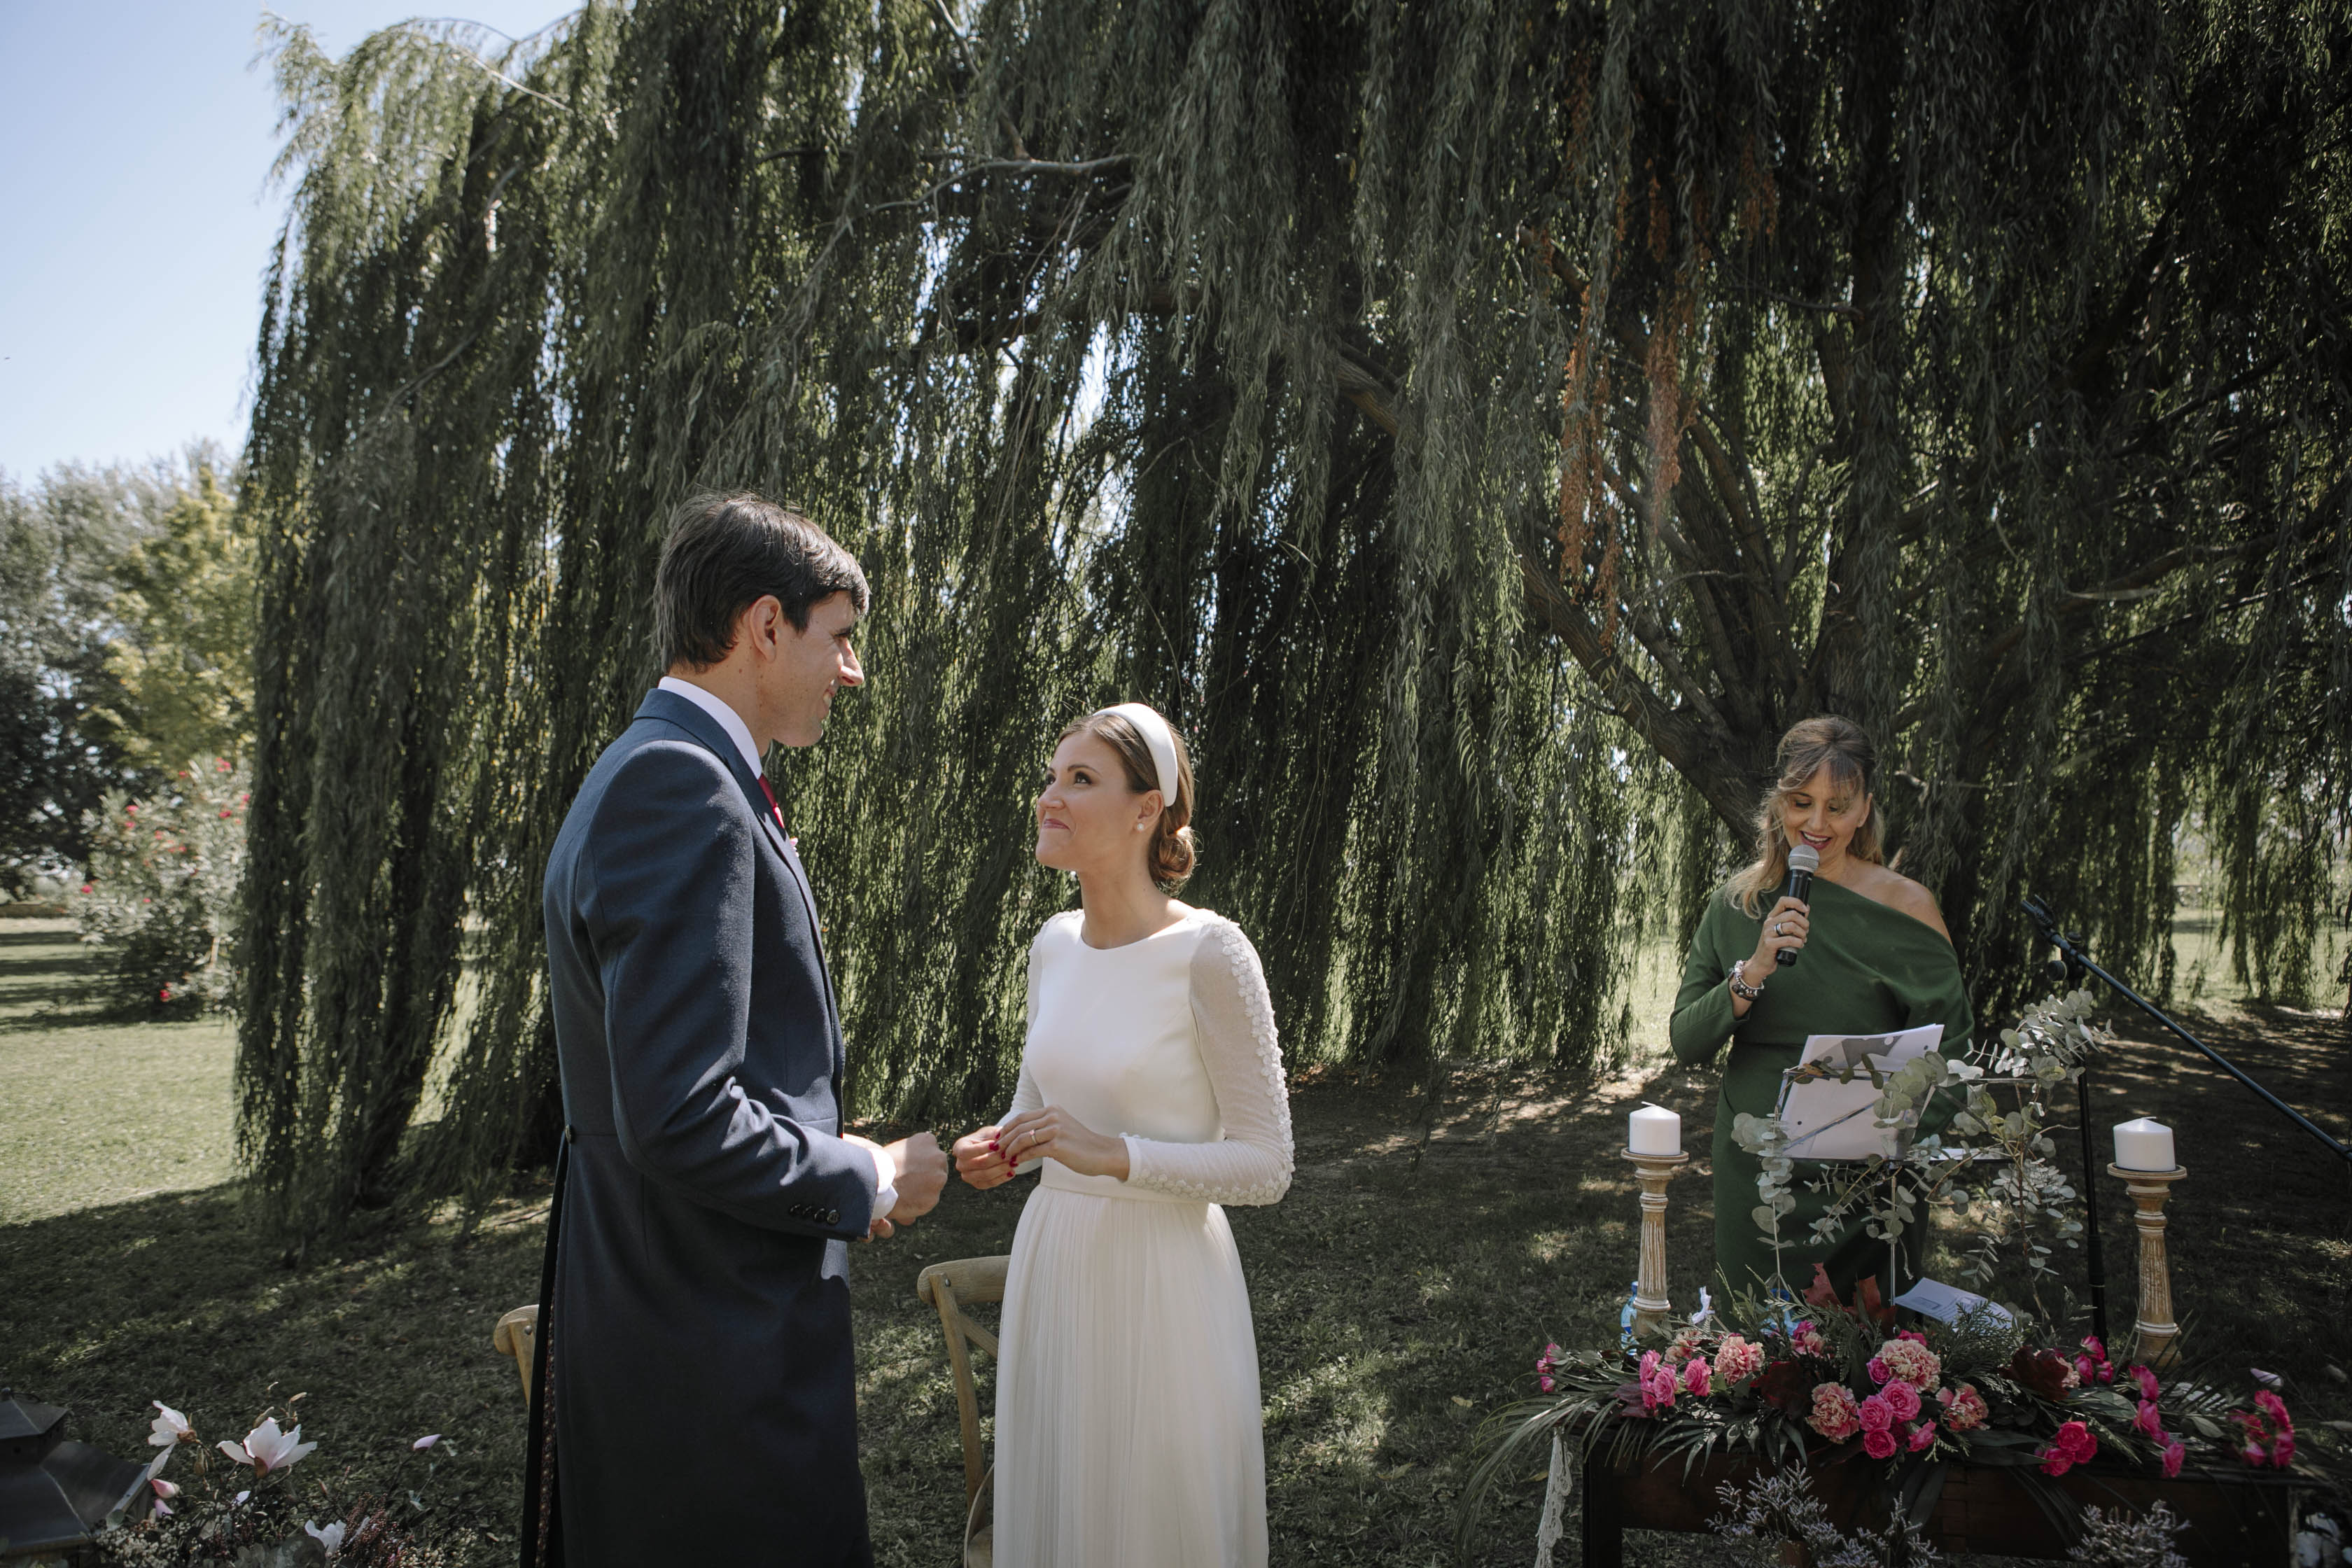 boda al aire libre 5